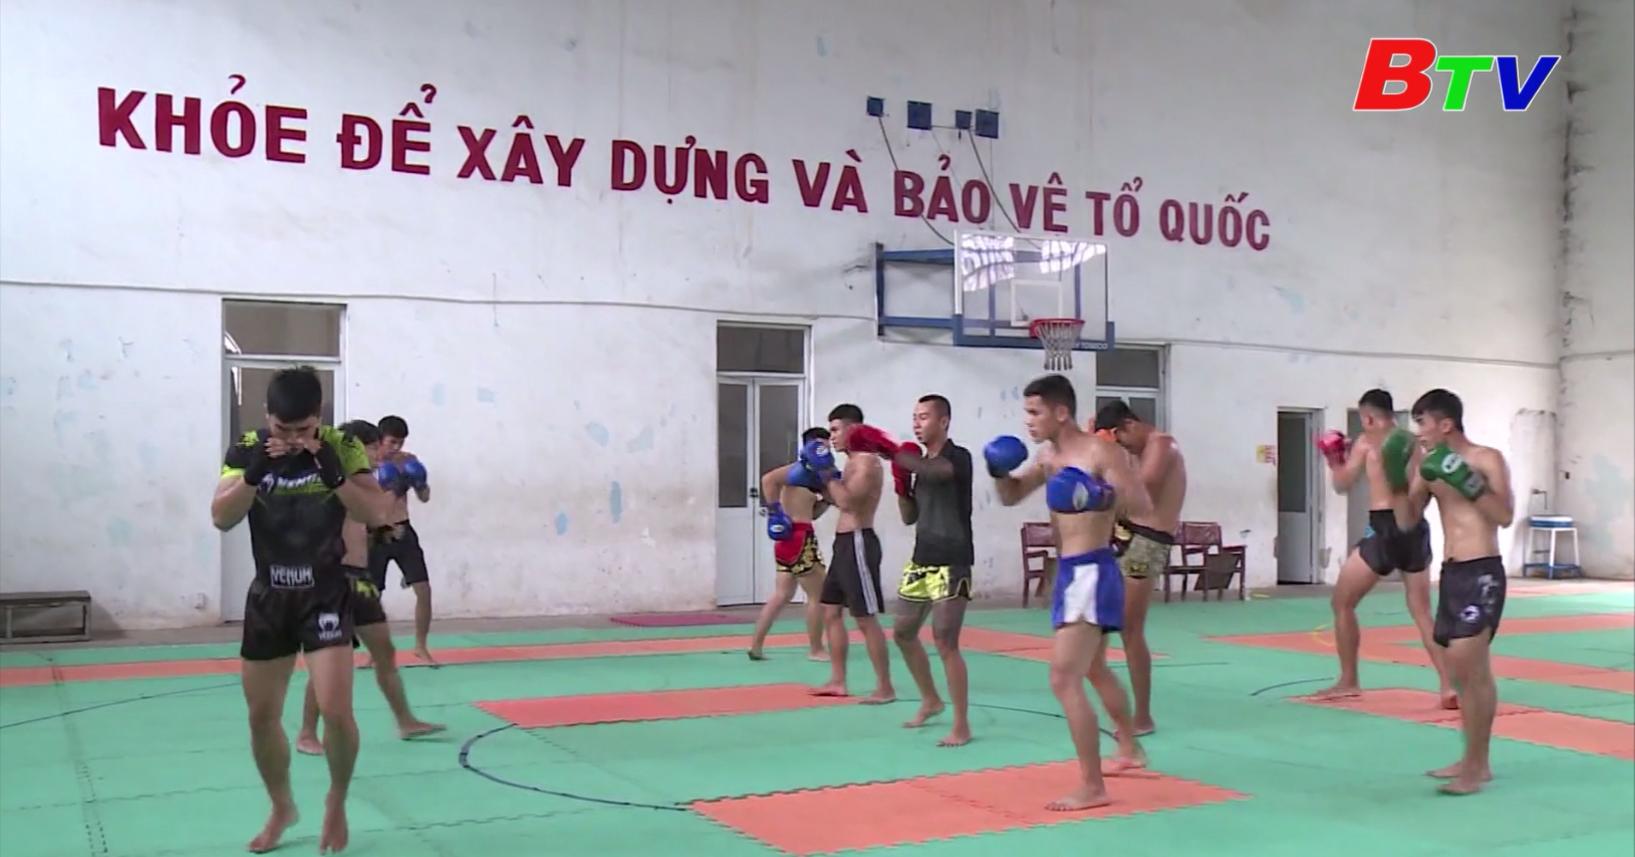 Kickboxing Bình Dương - Nơi ươm mầm tài năng cho thể thao Việt Nam